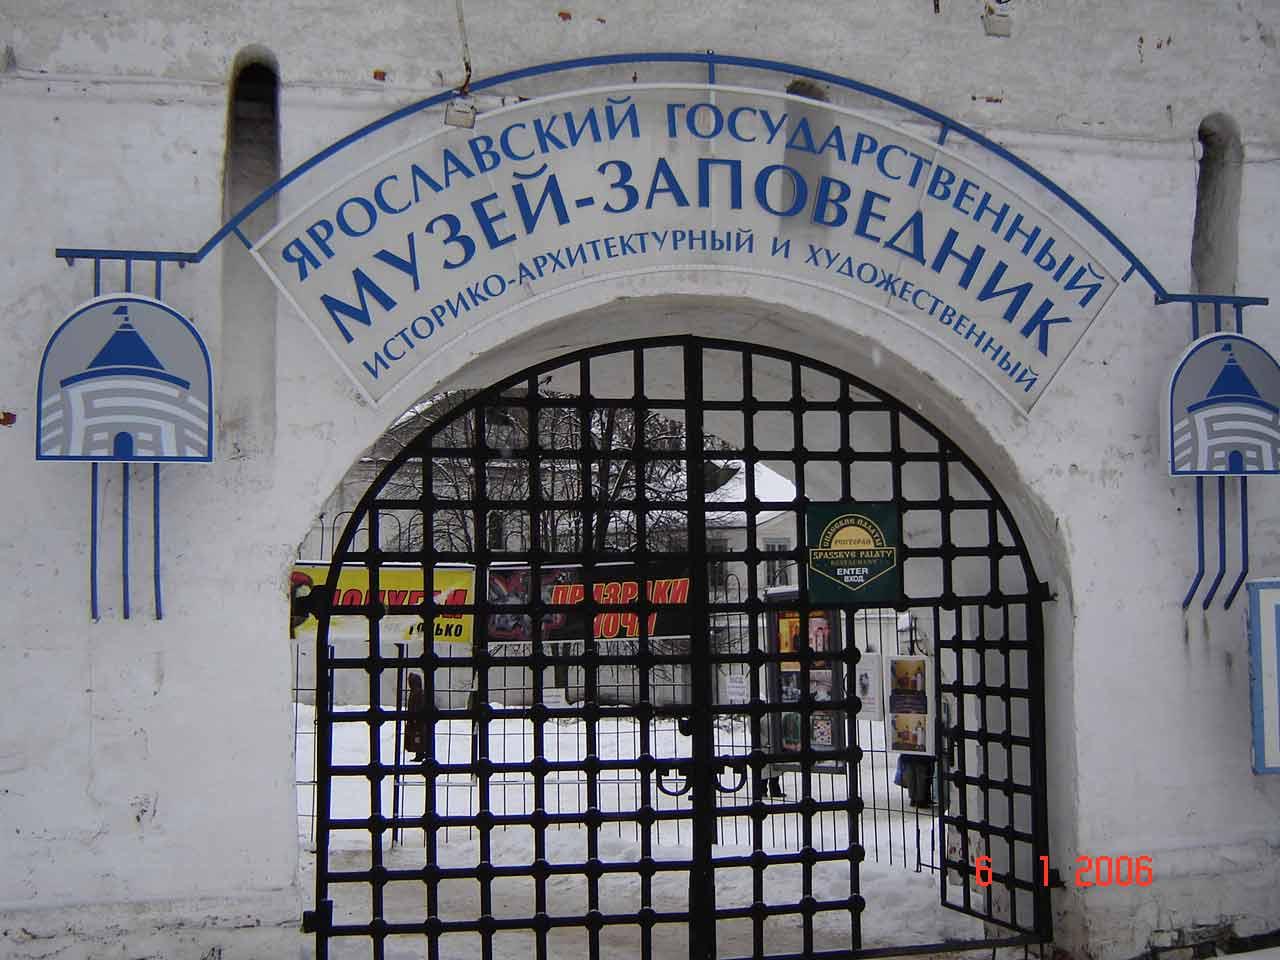 Сотрудники музея-заповедника стали экспертами «Росохранкультуры»